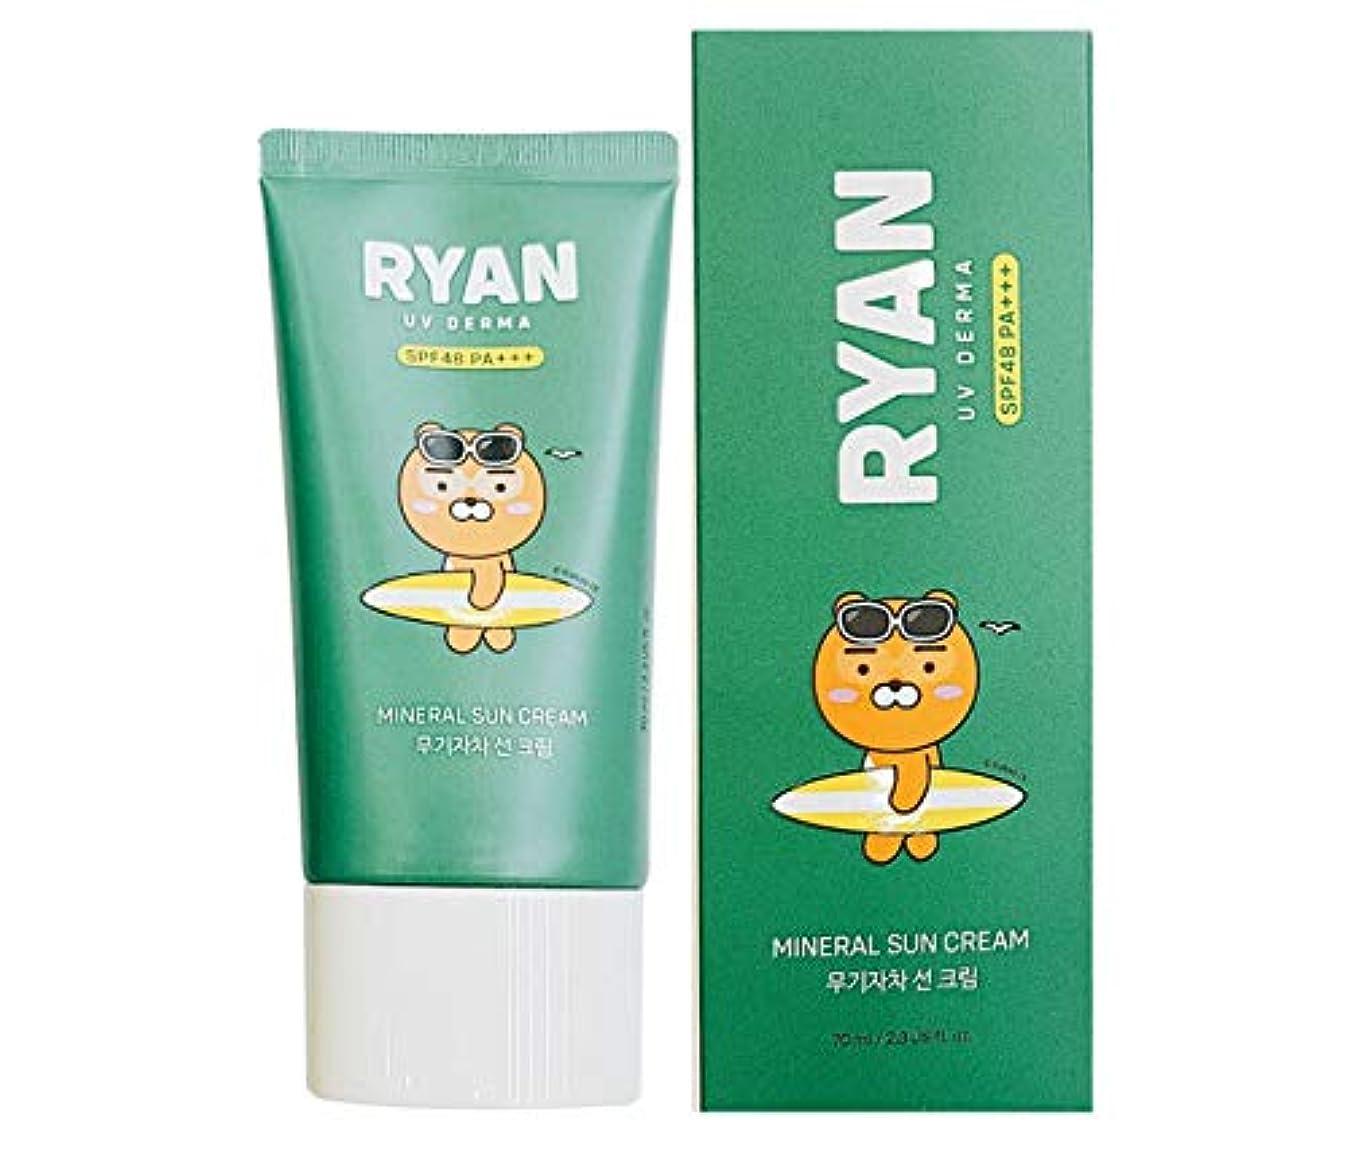 スペシャリスト前売ゼロ[ザ?フェイスショップ] THE FACE SHOP [カカオフレンズ ライオン UVデルマ ミネラル サンクリーム 70ml] (Kakao Friends RYAN UV Derma Mineral Sun Cream...